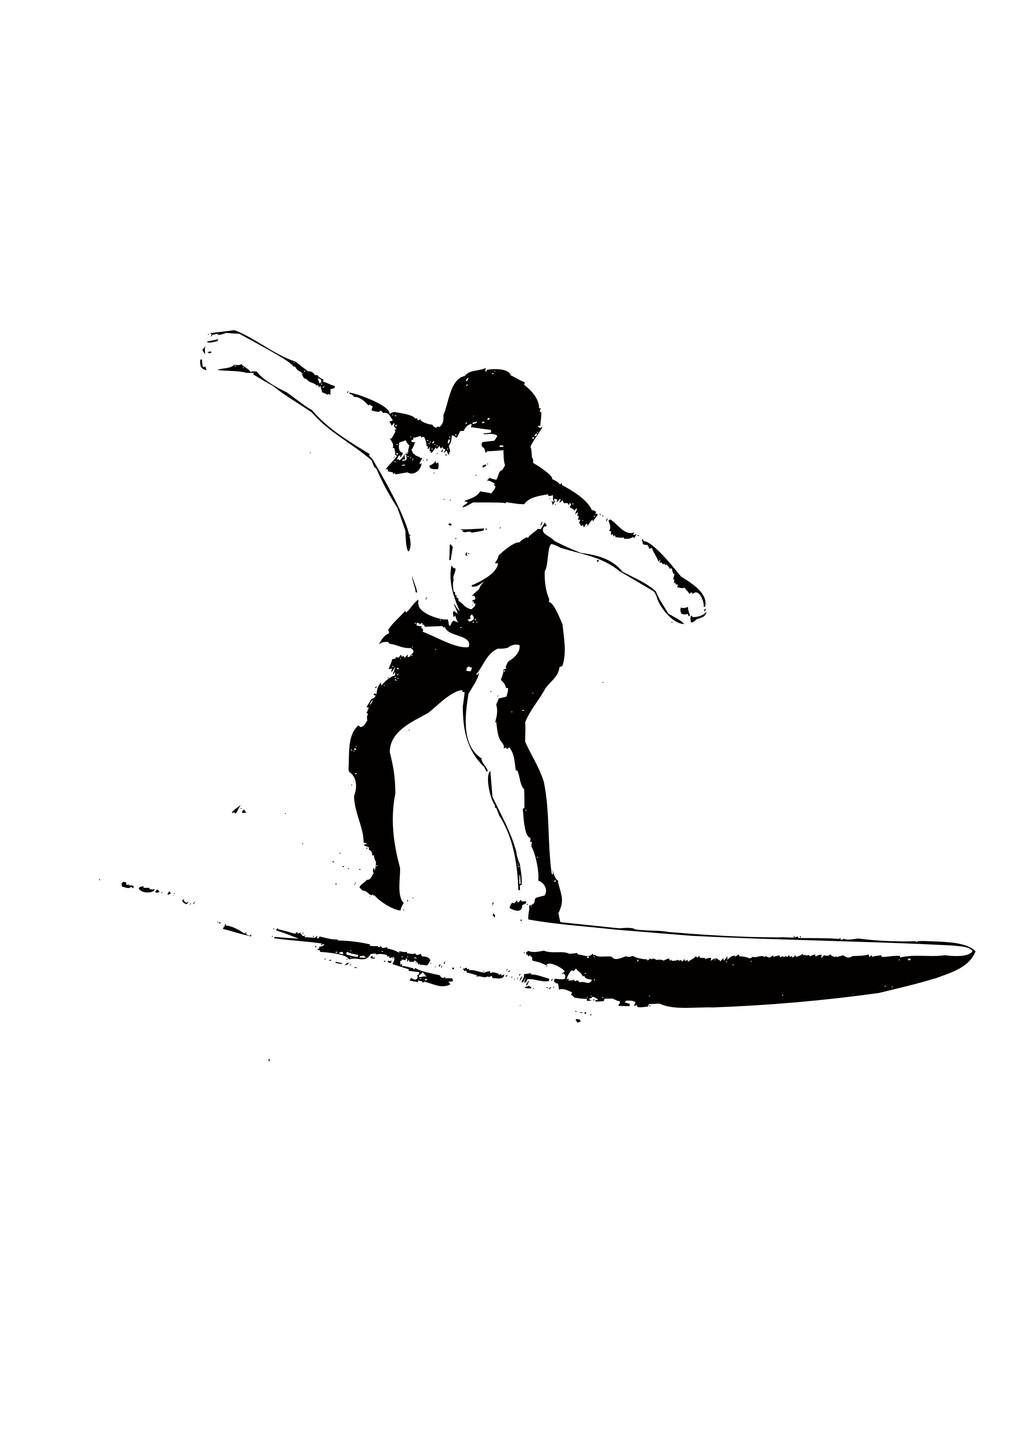 运动人物简笔画滑冰人物剪影男人